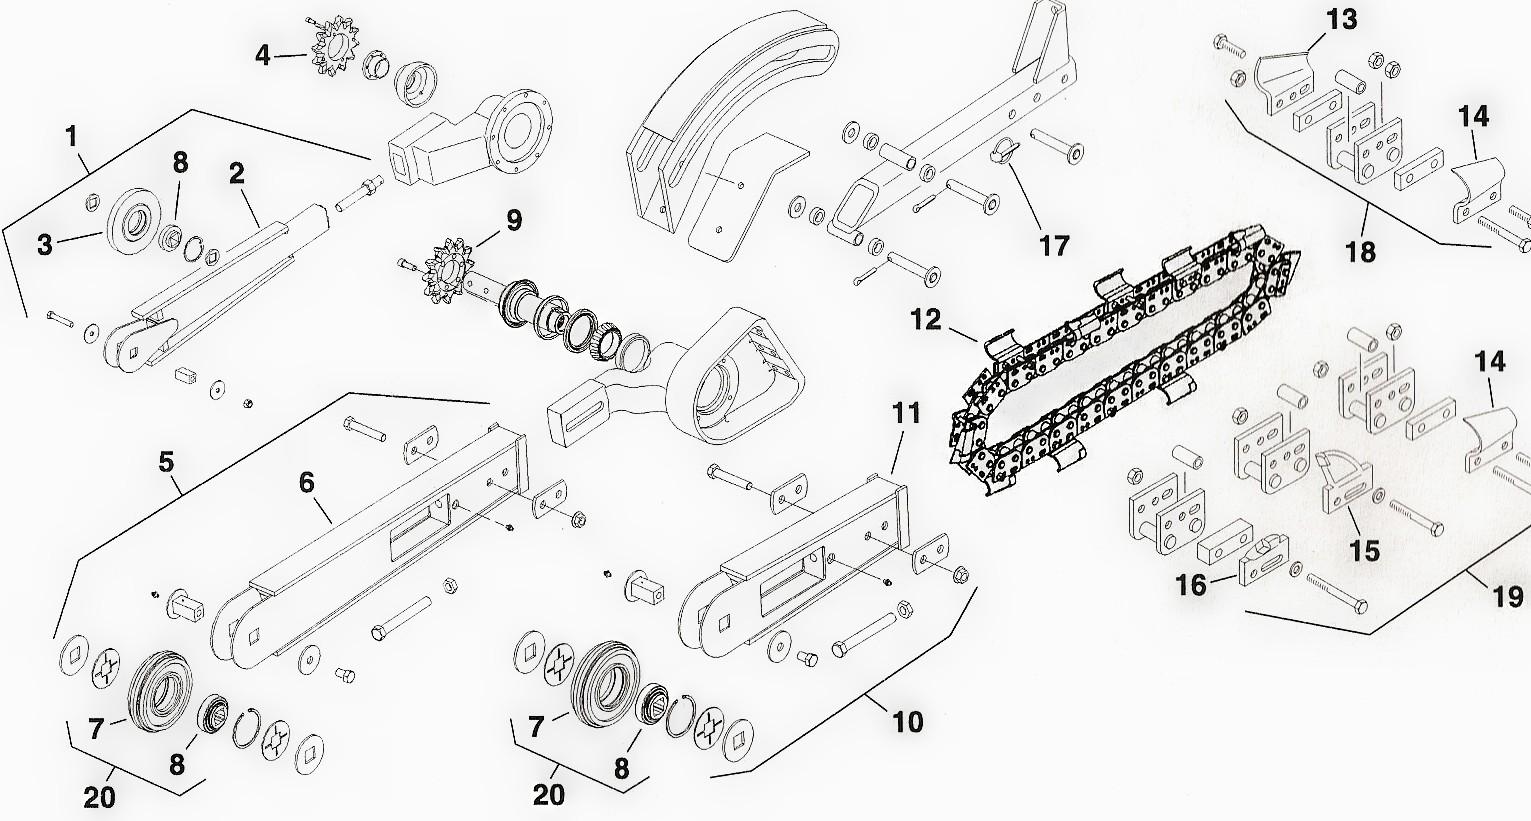 Toro Dingo Trencher Attachment Parts, Toro Trench Filler